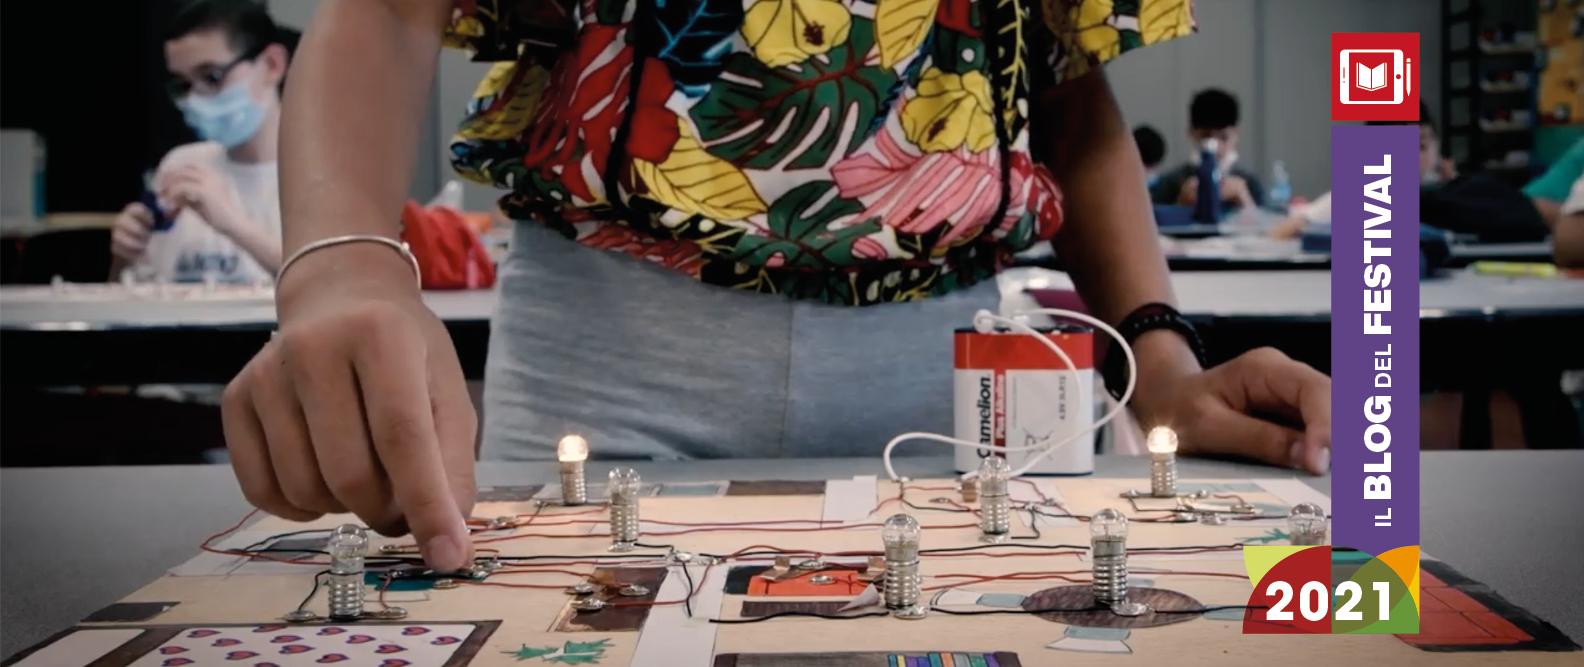 Guarda il video racconto della Summer School della Cultura tecnica organizzata da CFP Futura di San Pietro in Casale